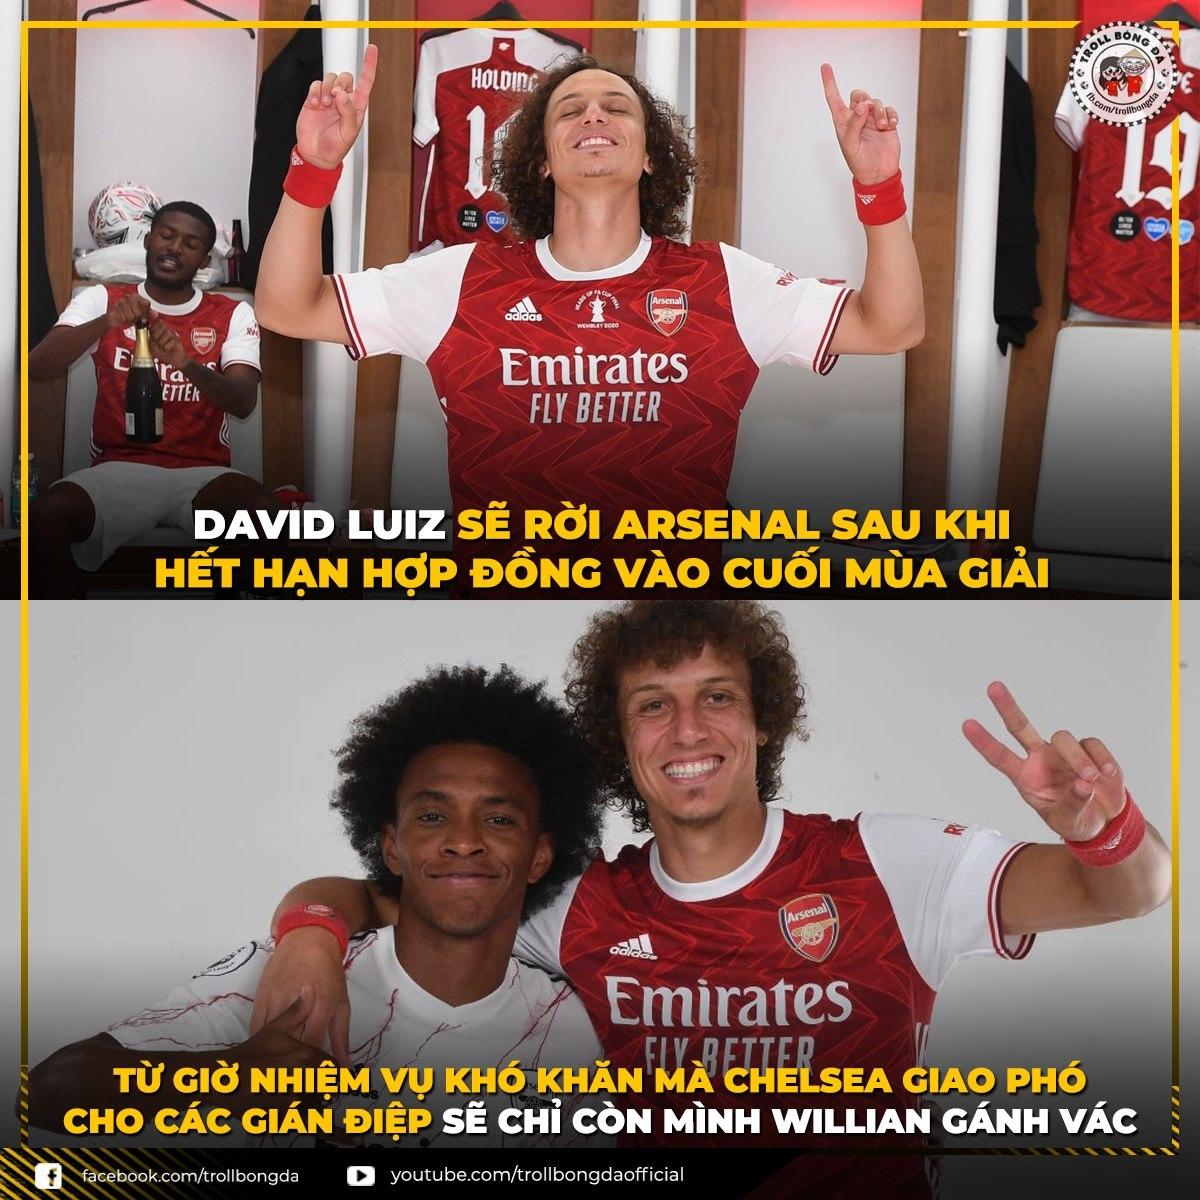 David Luiz rời Arsenal vào cuối mùa. (Ảnh: Troll bóng đá).